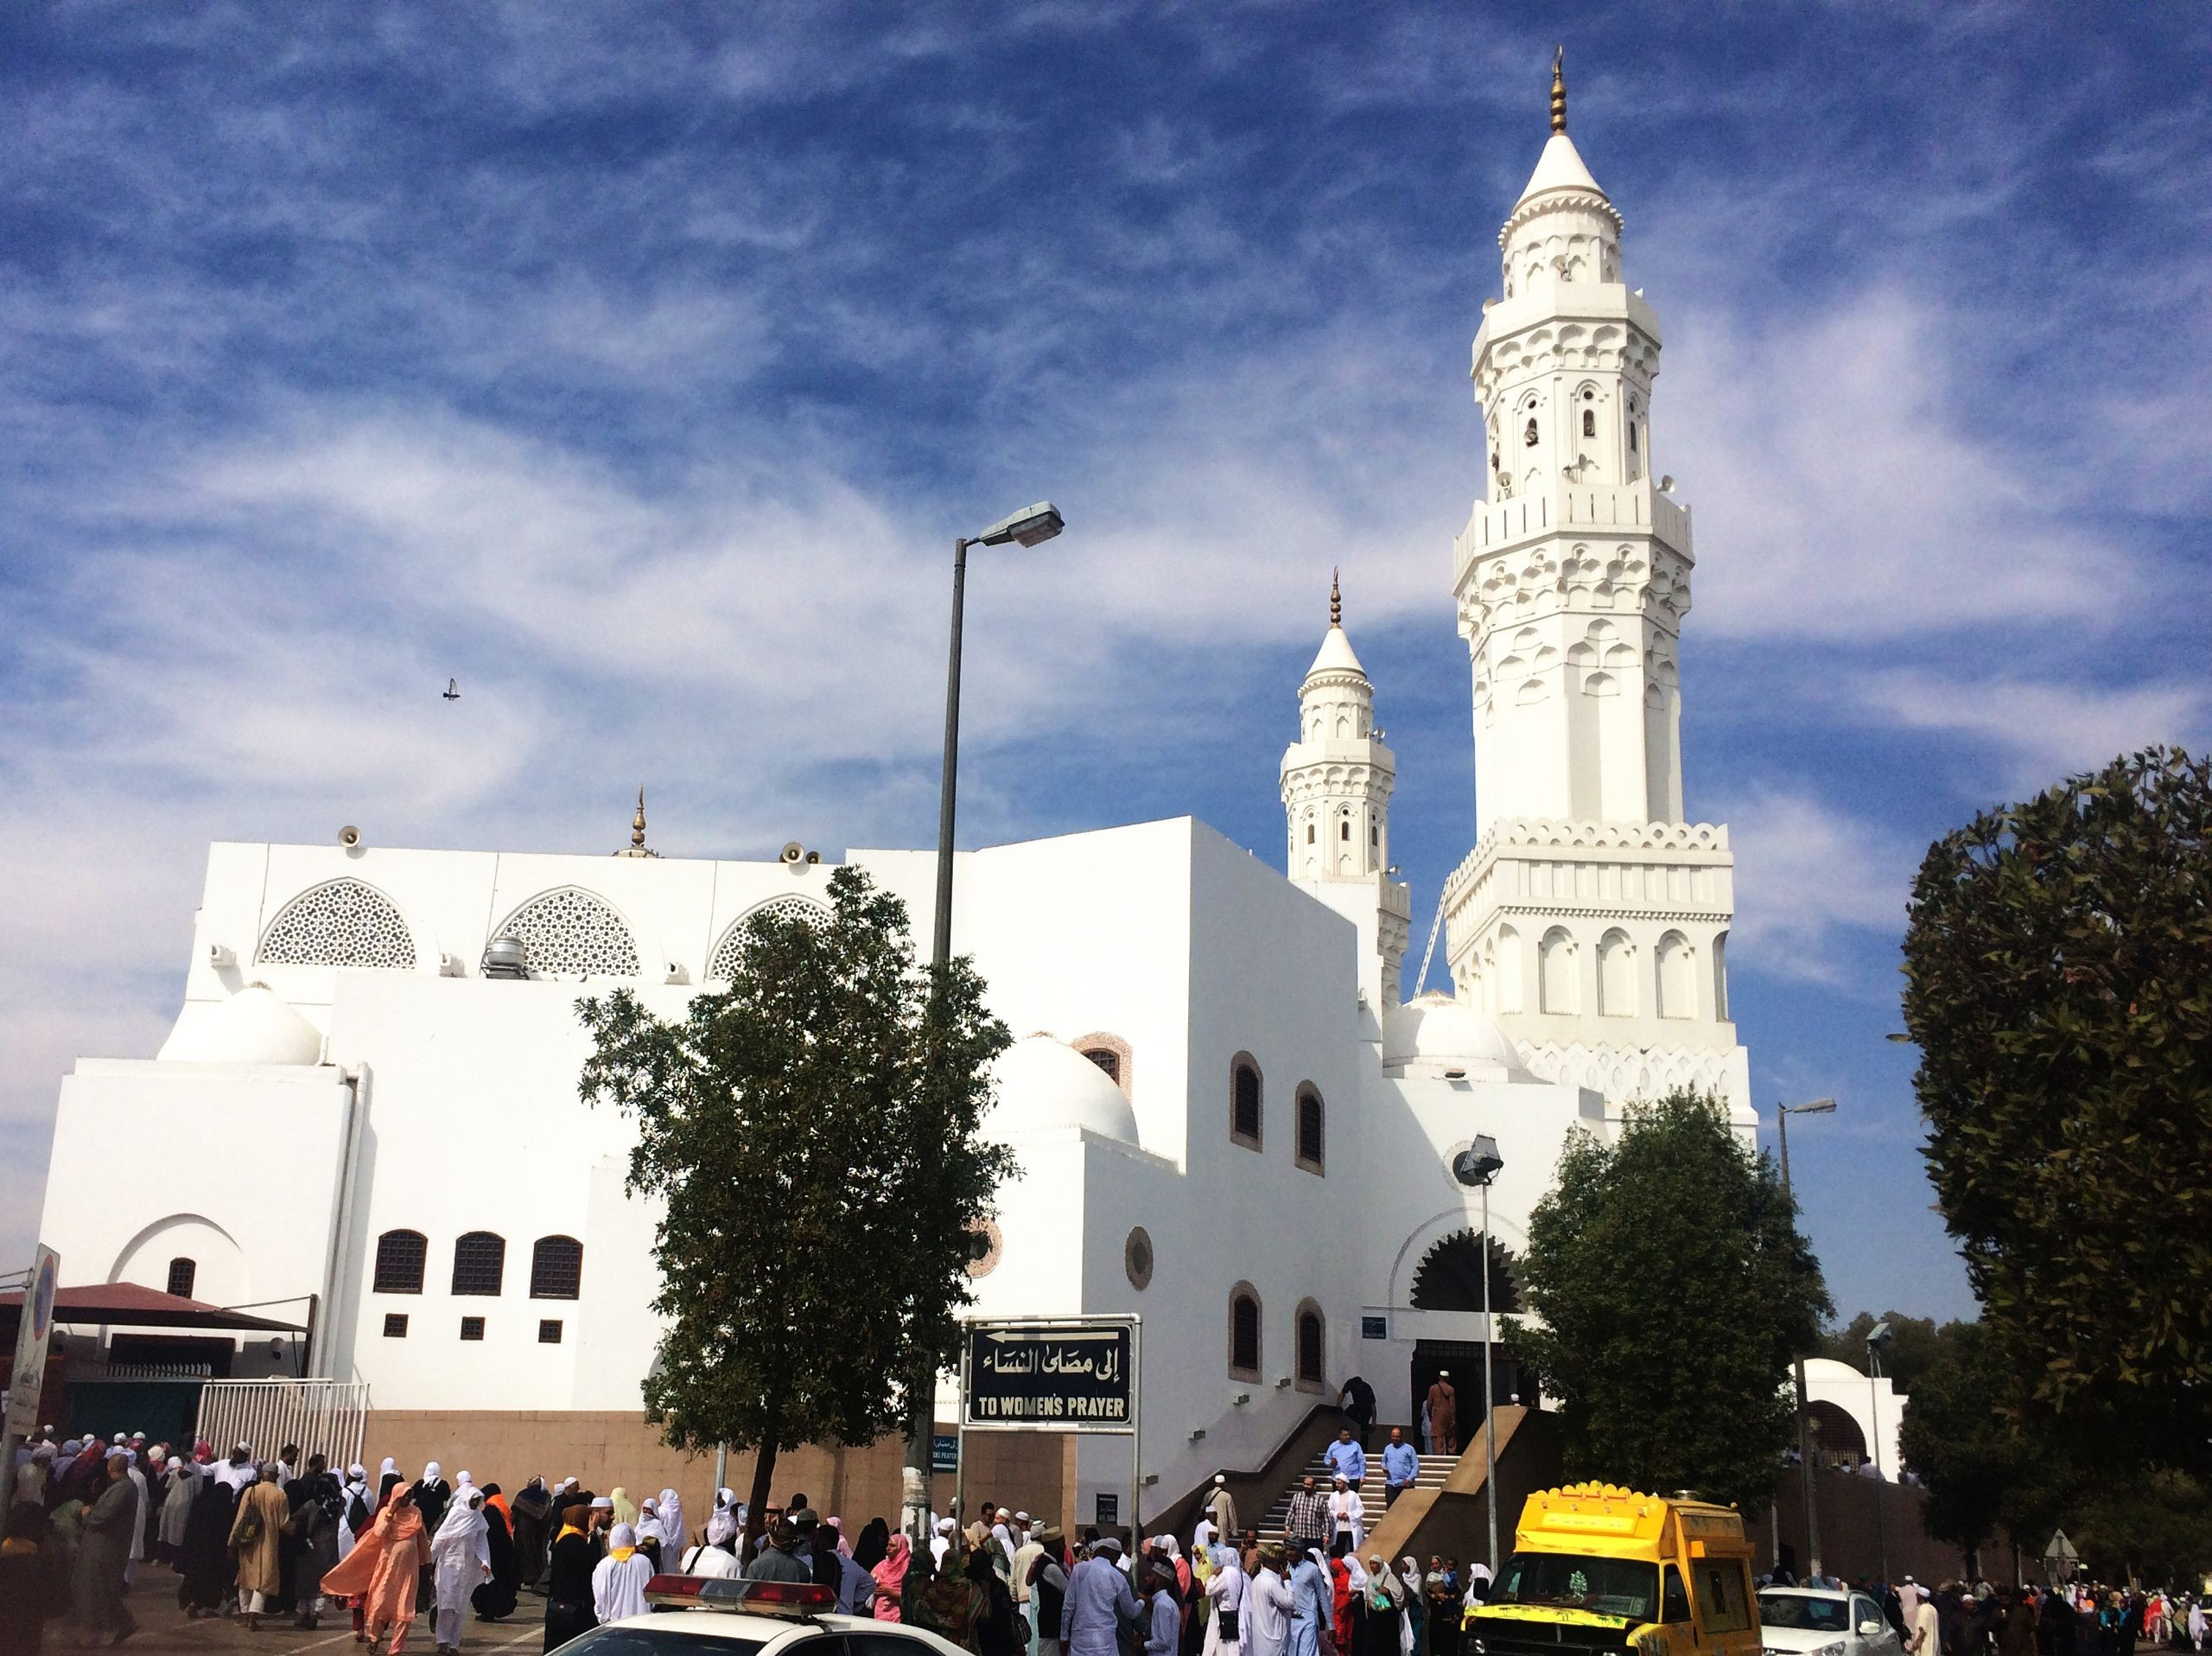 Masid Al-Qiblatayn Mosque Madinah Saudi Arabia